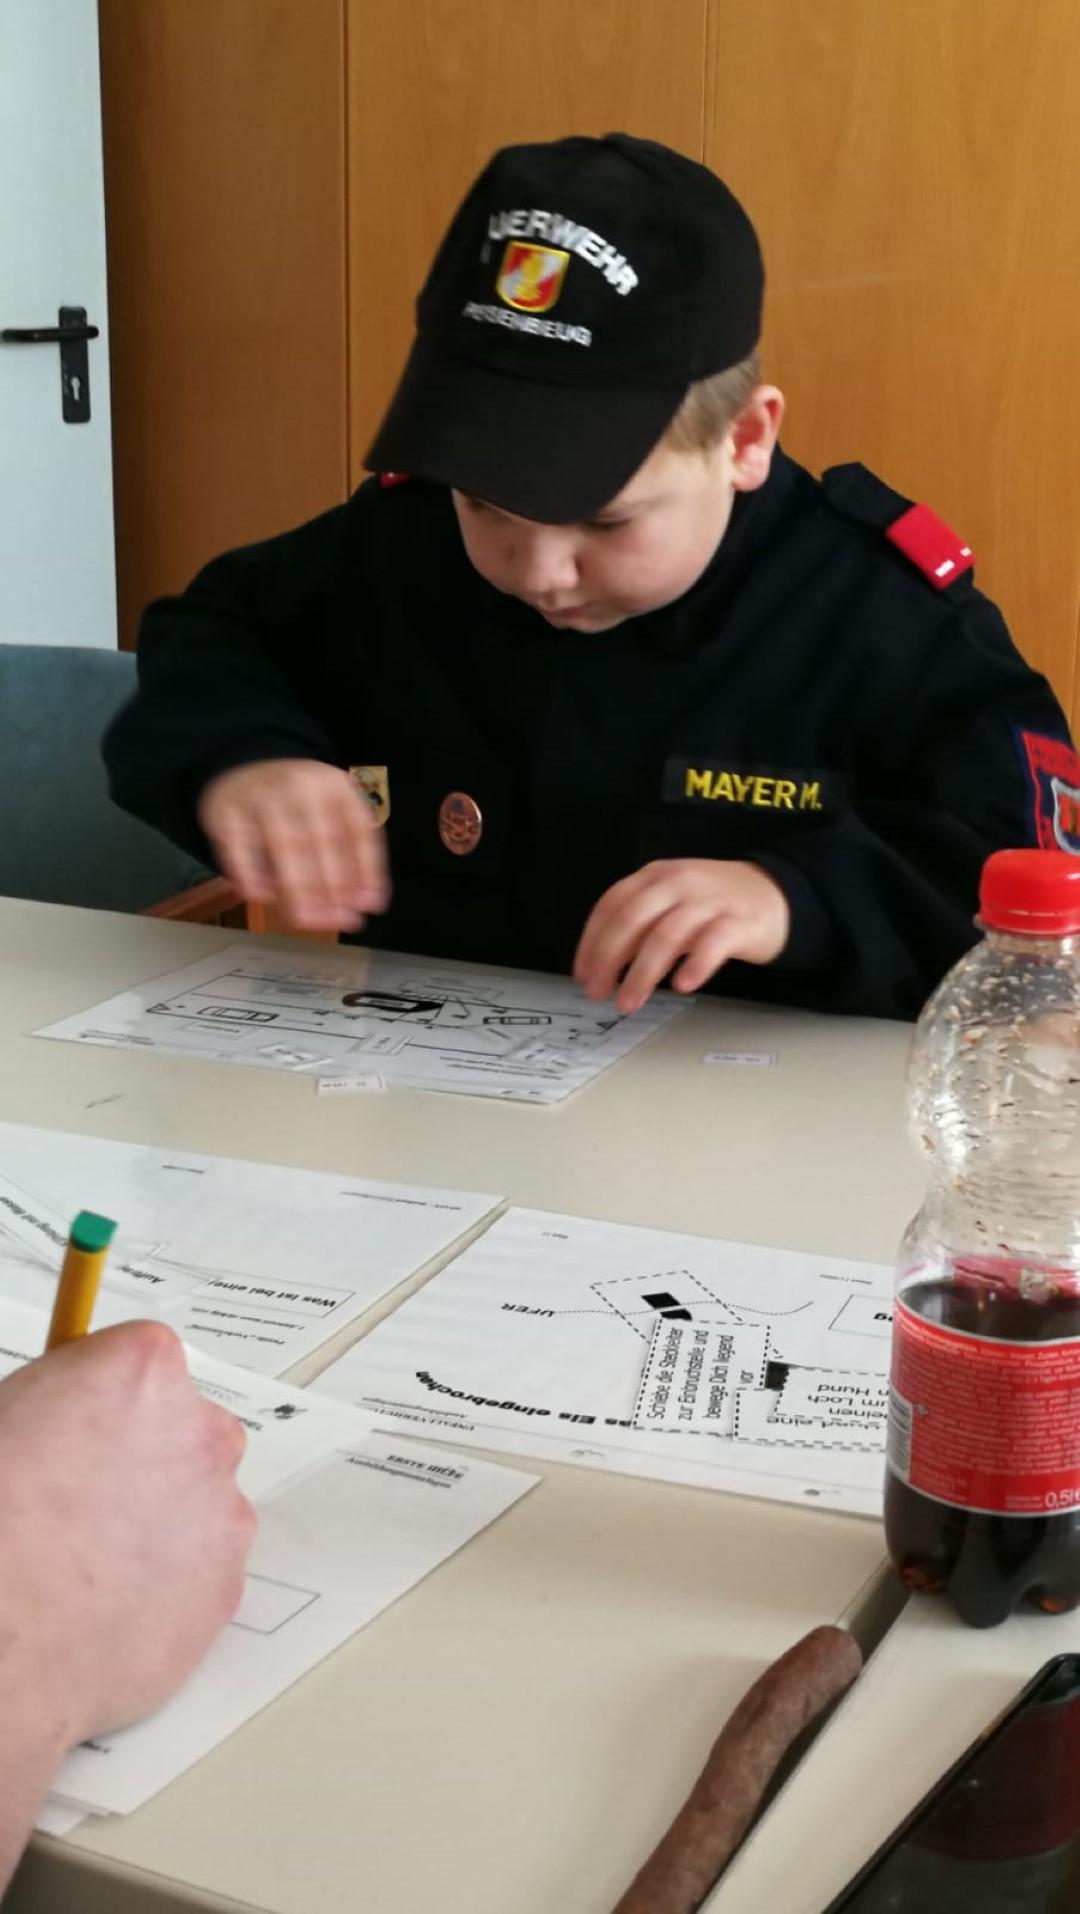 2019.02.02. Abnahme für das Fertigkeitsabzeichen Feuerwehrsicherheit und Erste Hilfe (13) (Large)